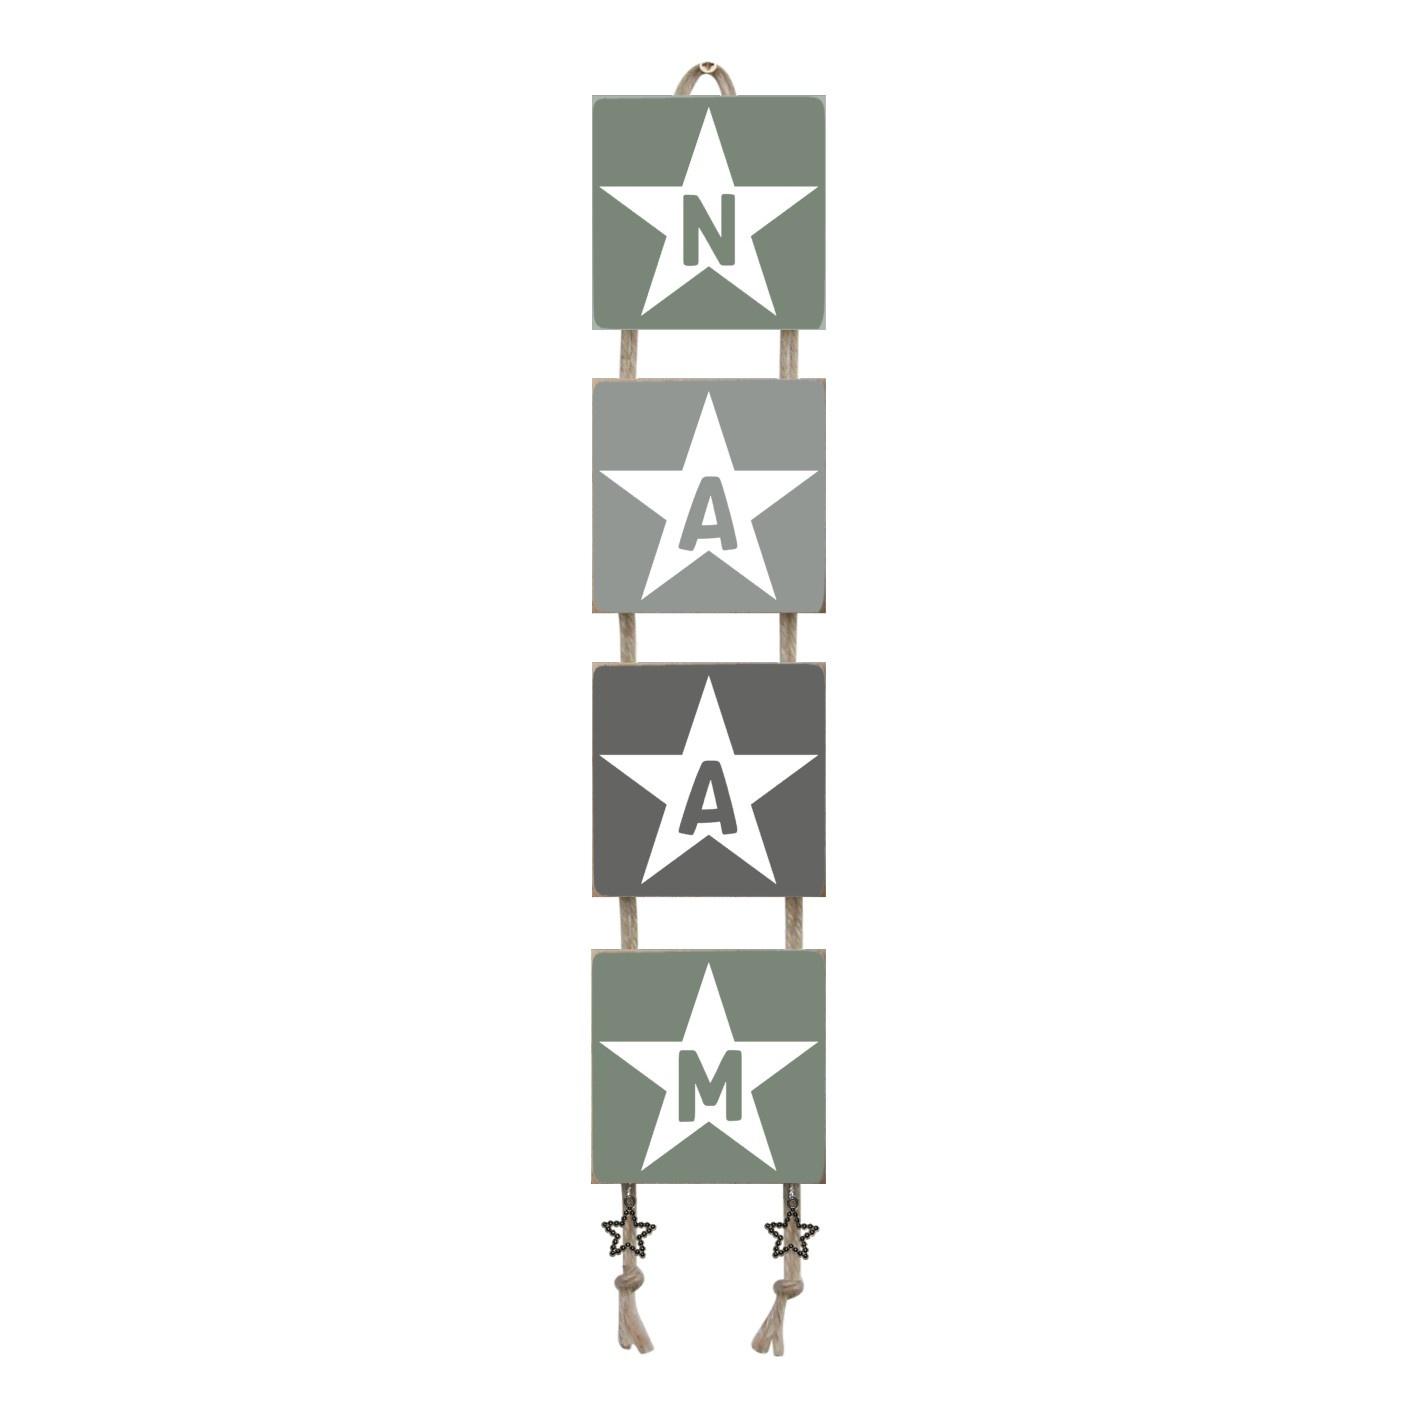 Naamladder leemgroen/grijstinten ster